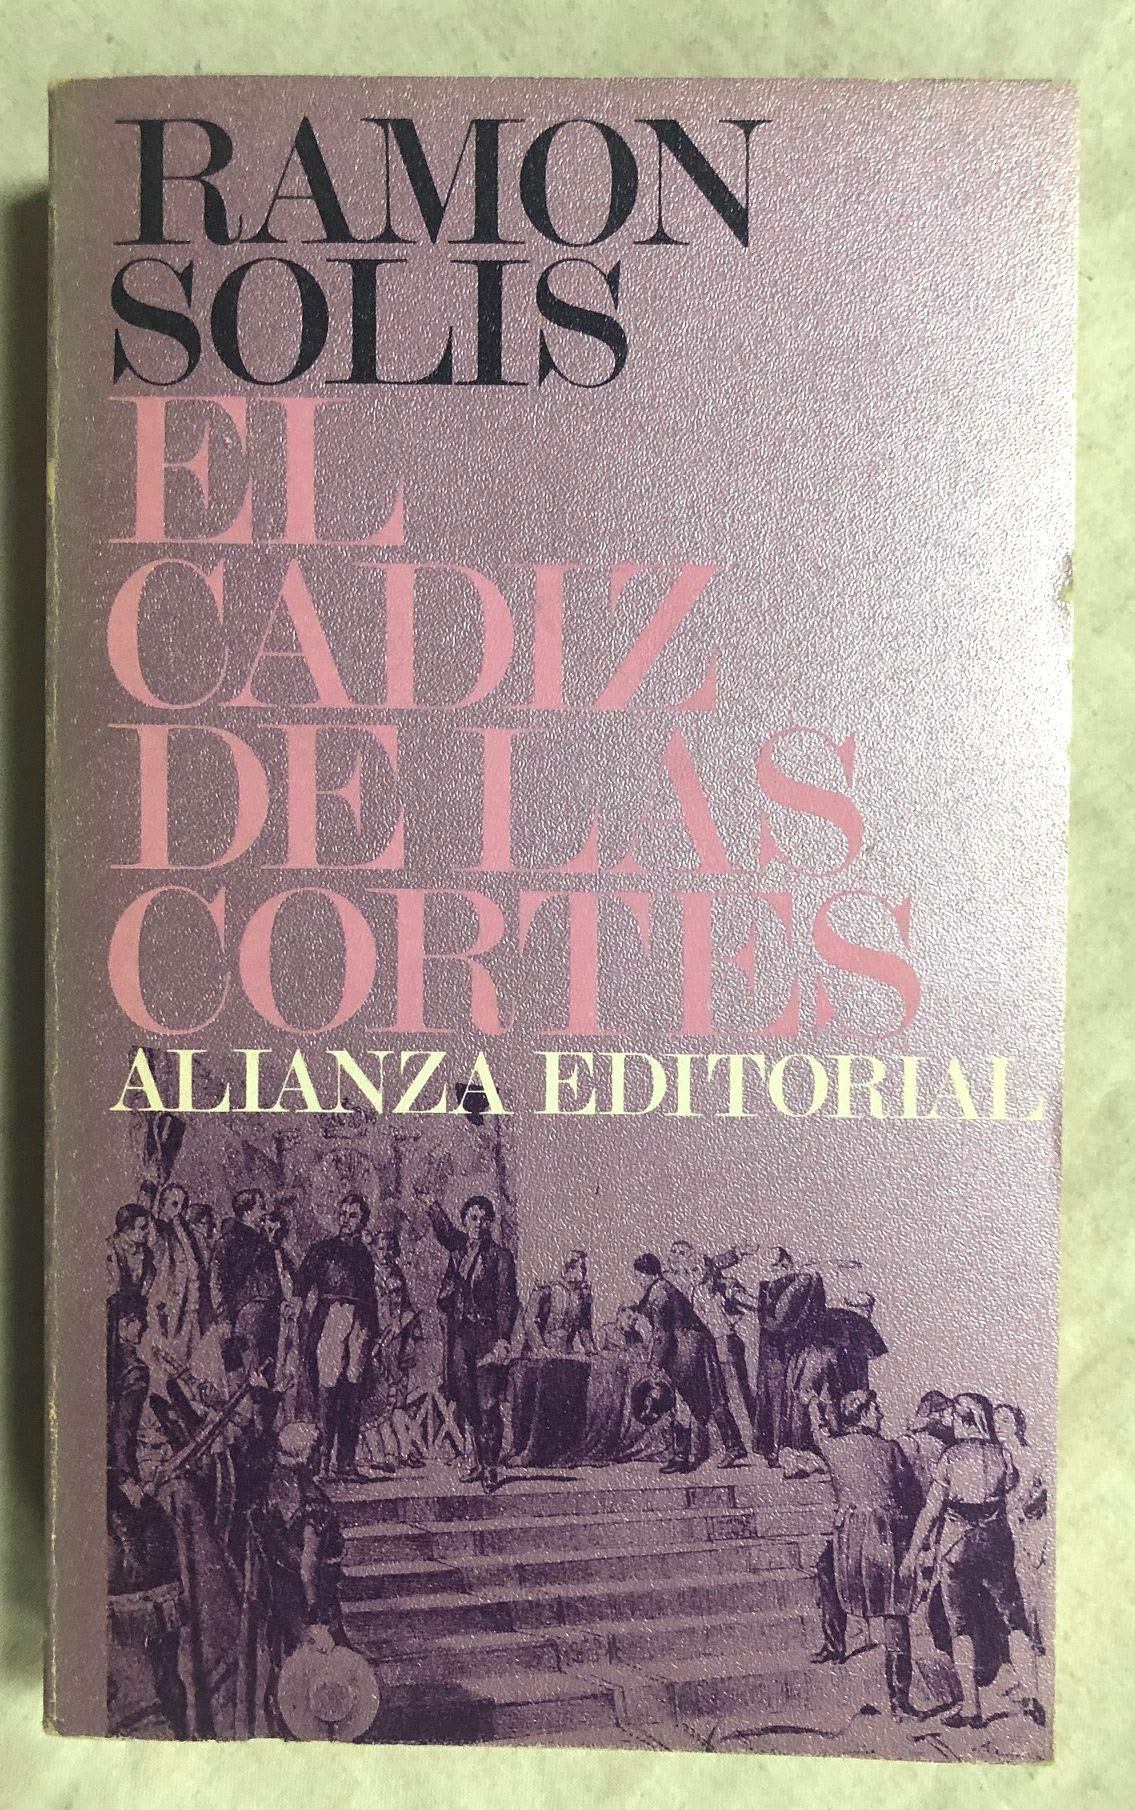 El Cadiz de las Cortes: Amazon.es: Solis, Ramon: Libros